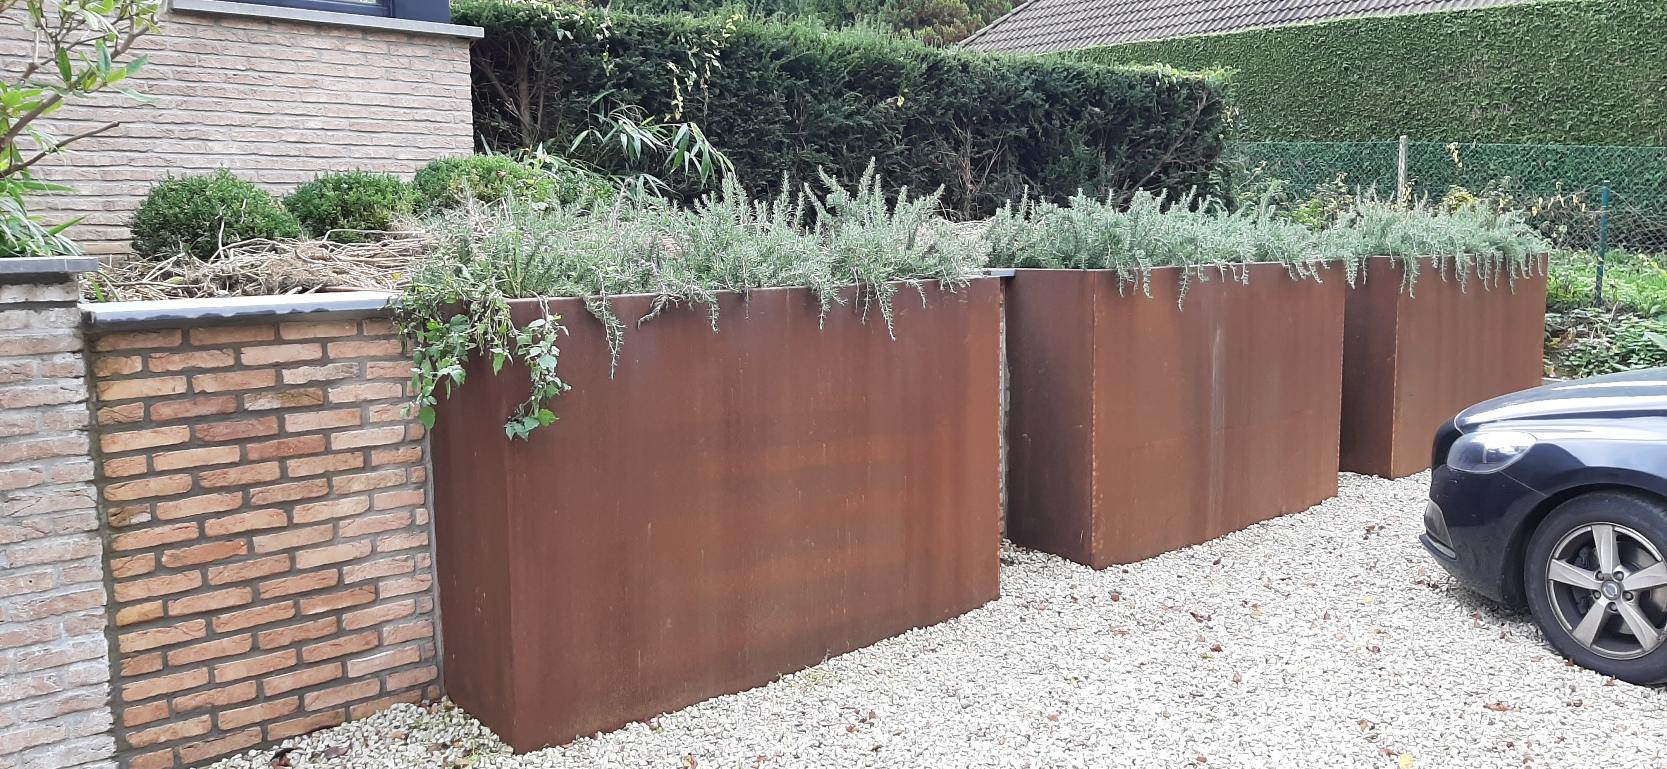 Bac jardinière sans fond carré corten 4mm - 200x200x135cm, bac carré avec partie arrière insérée dans le talus et découpée en trapèze